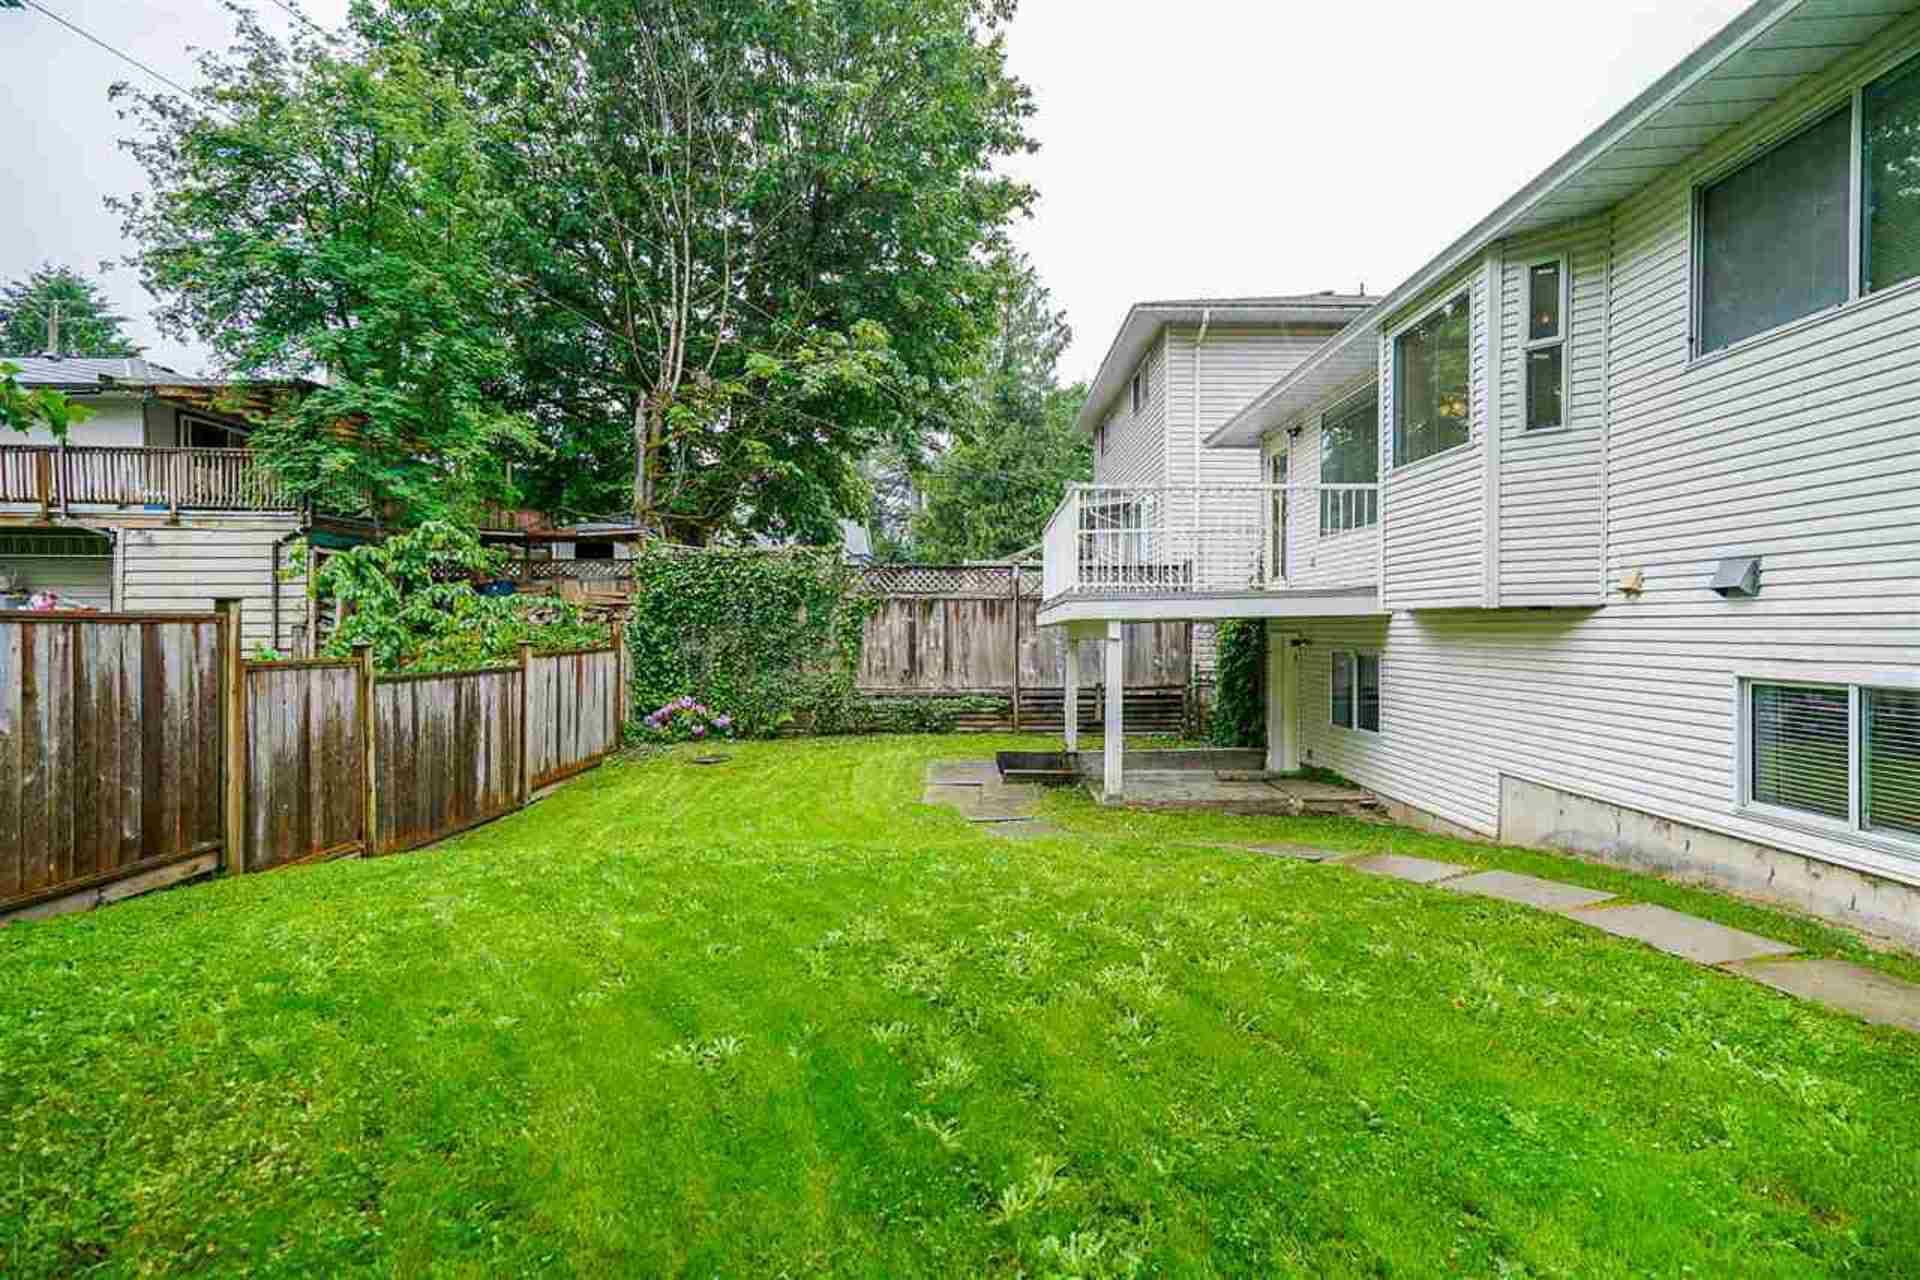 22110-122-avenue-west-central-maple-ridge-28 of 22110 122 Avenue, West Central, Maple Ridge